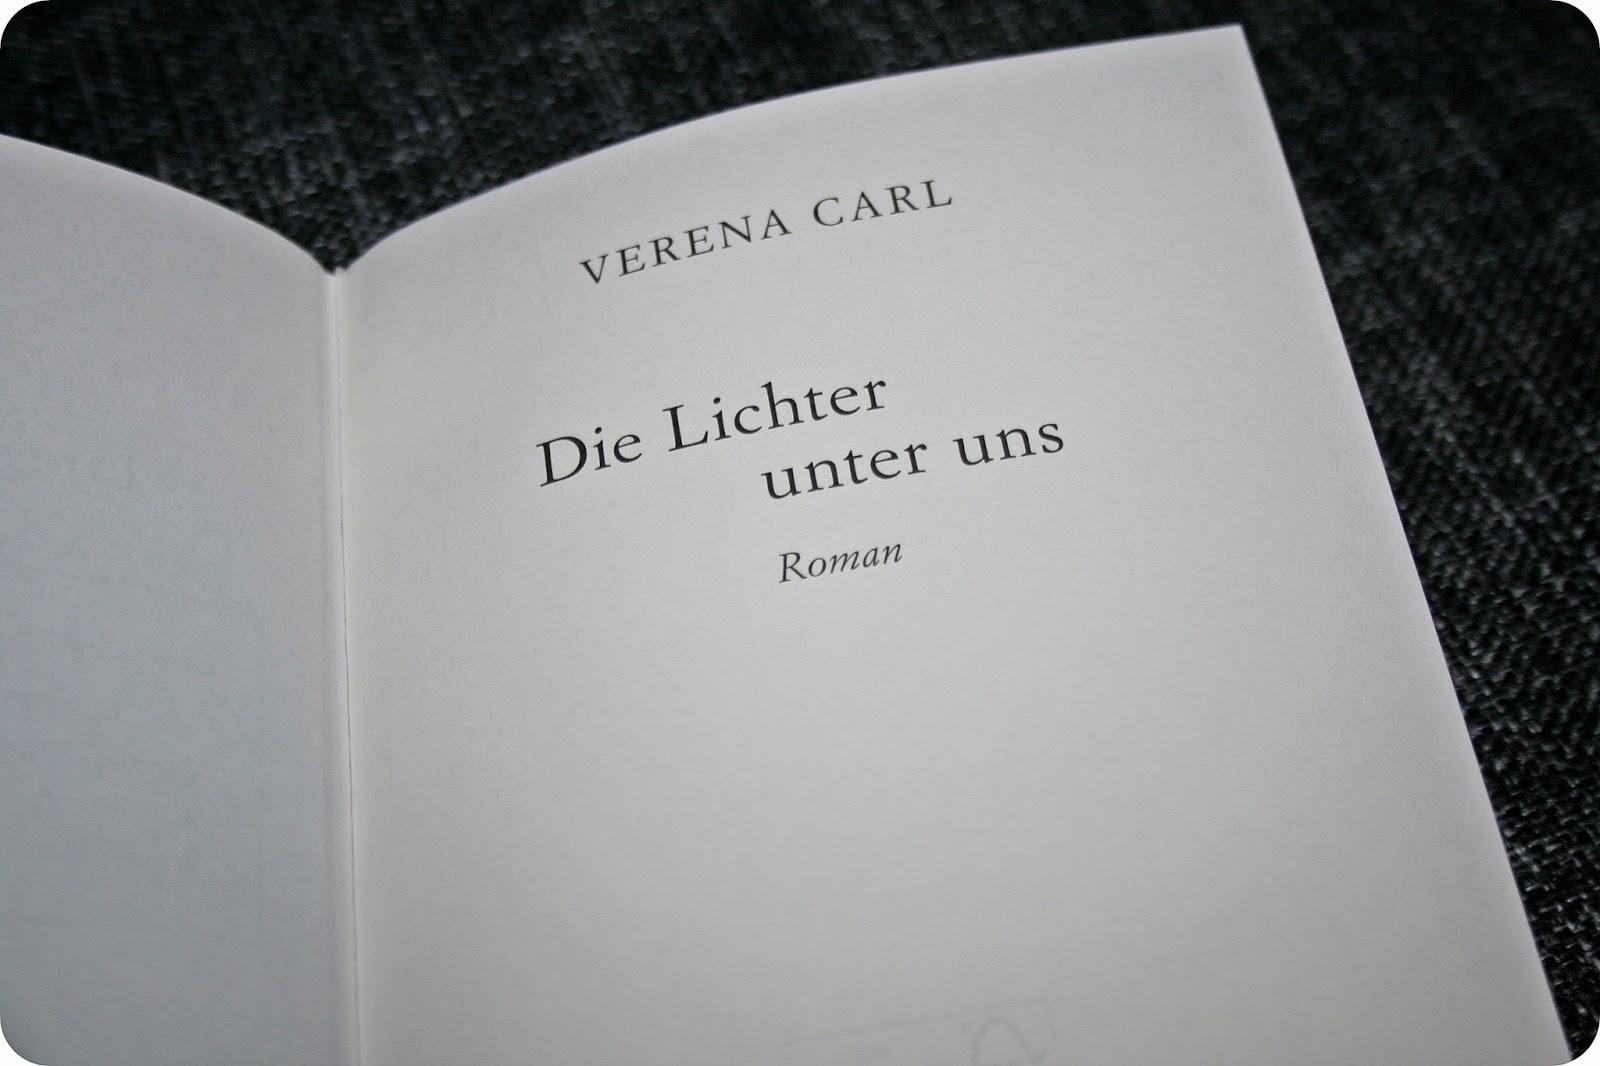 Tolle Drahtrelais Für Lichter Galerie - Die Besten Elektrischen ...